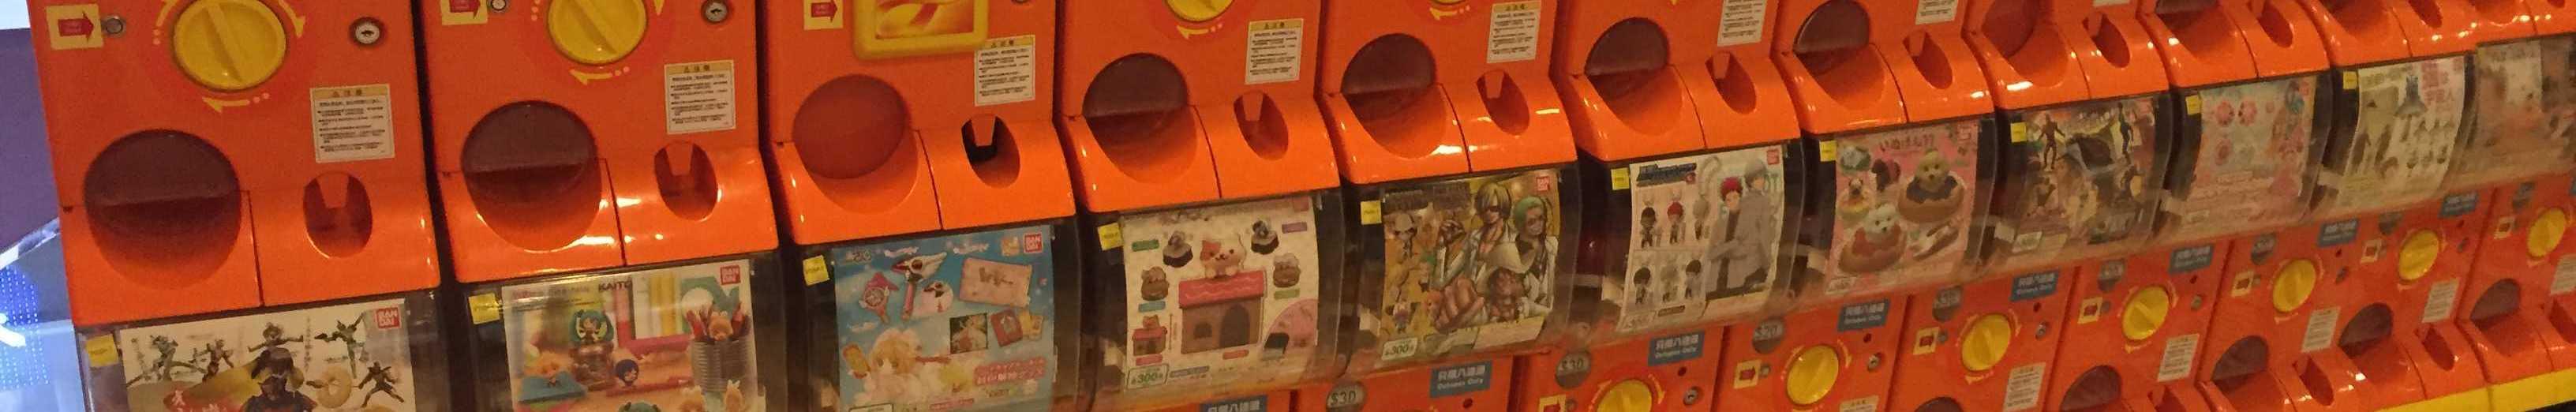 玩具HKJP banner